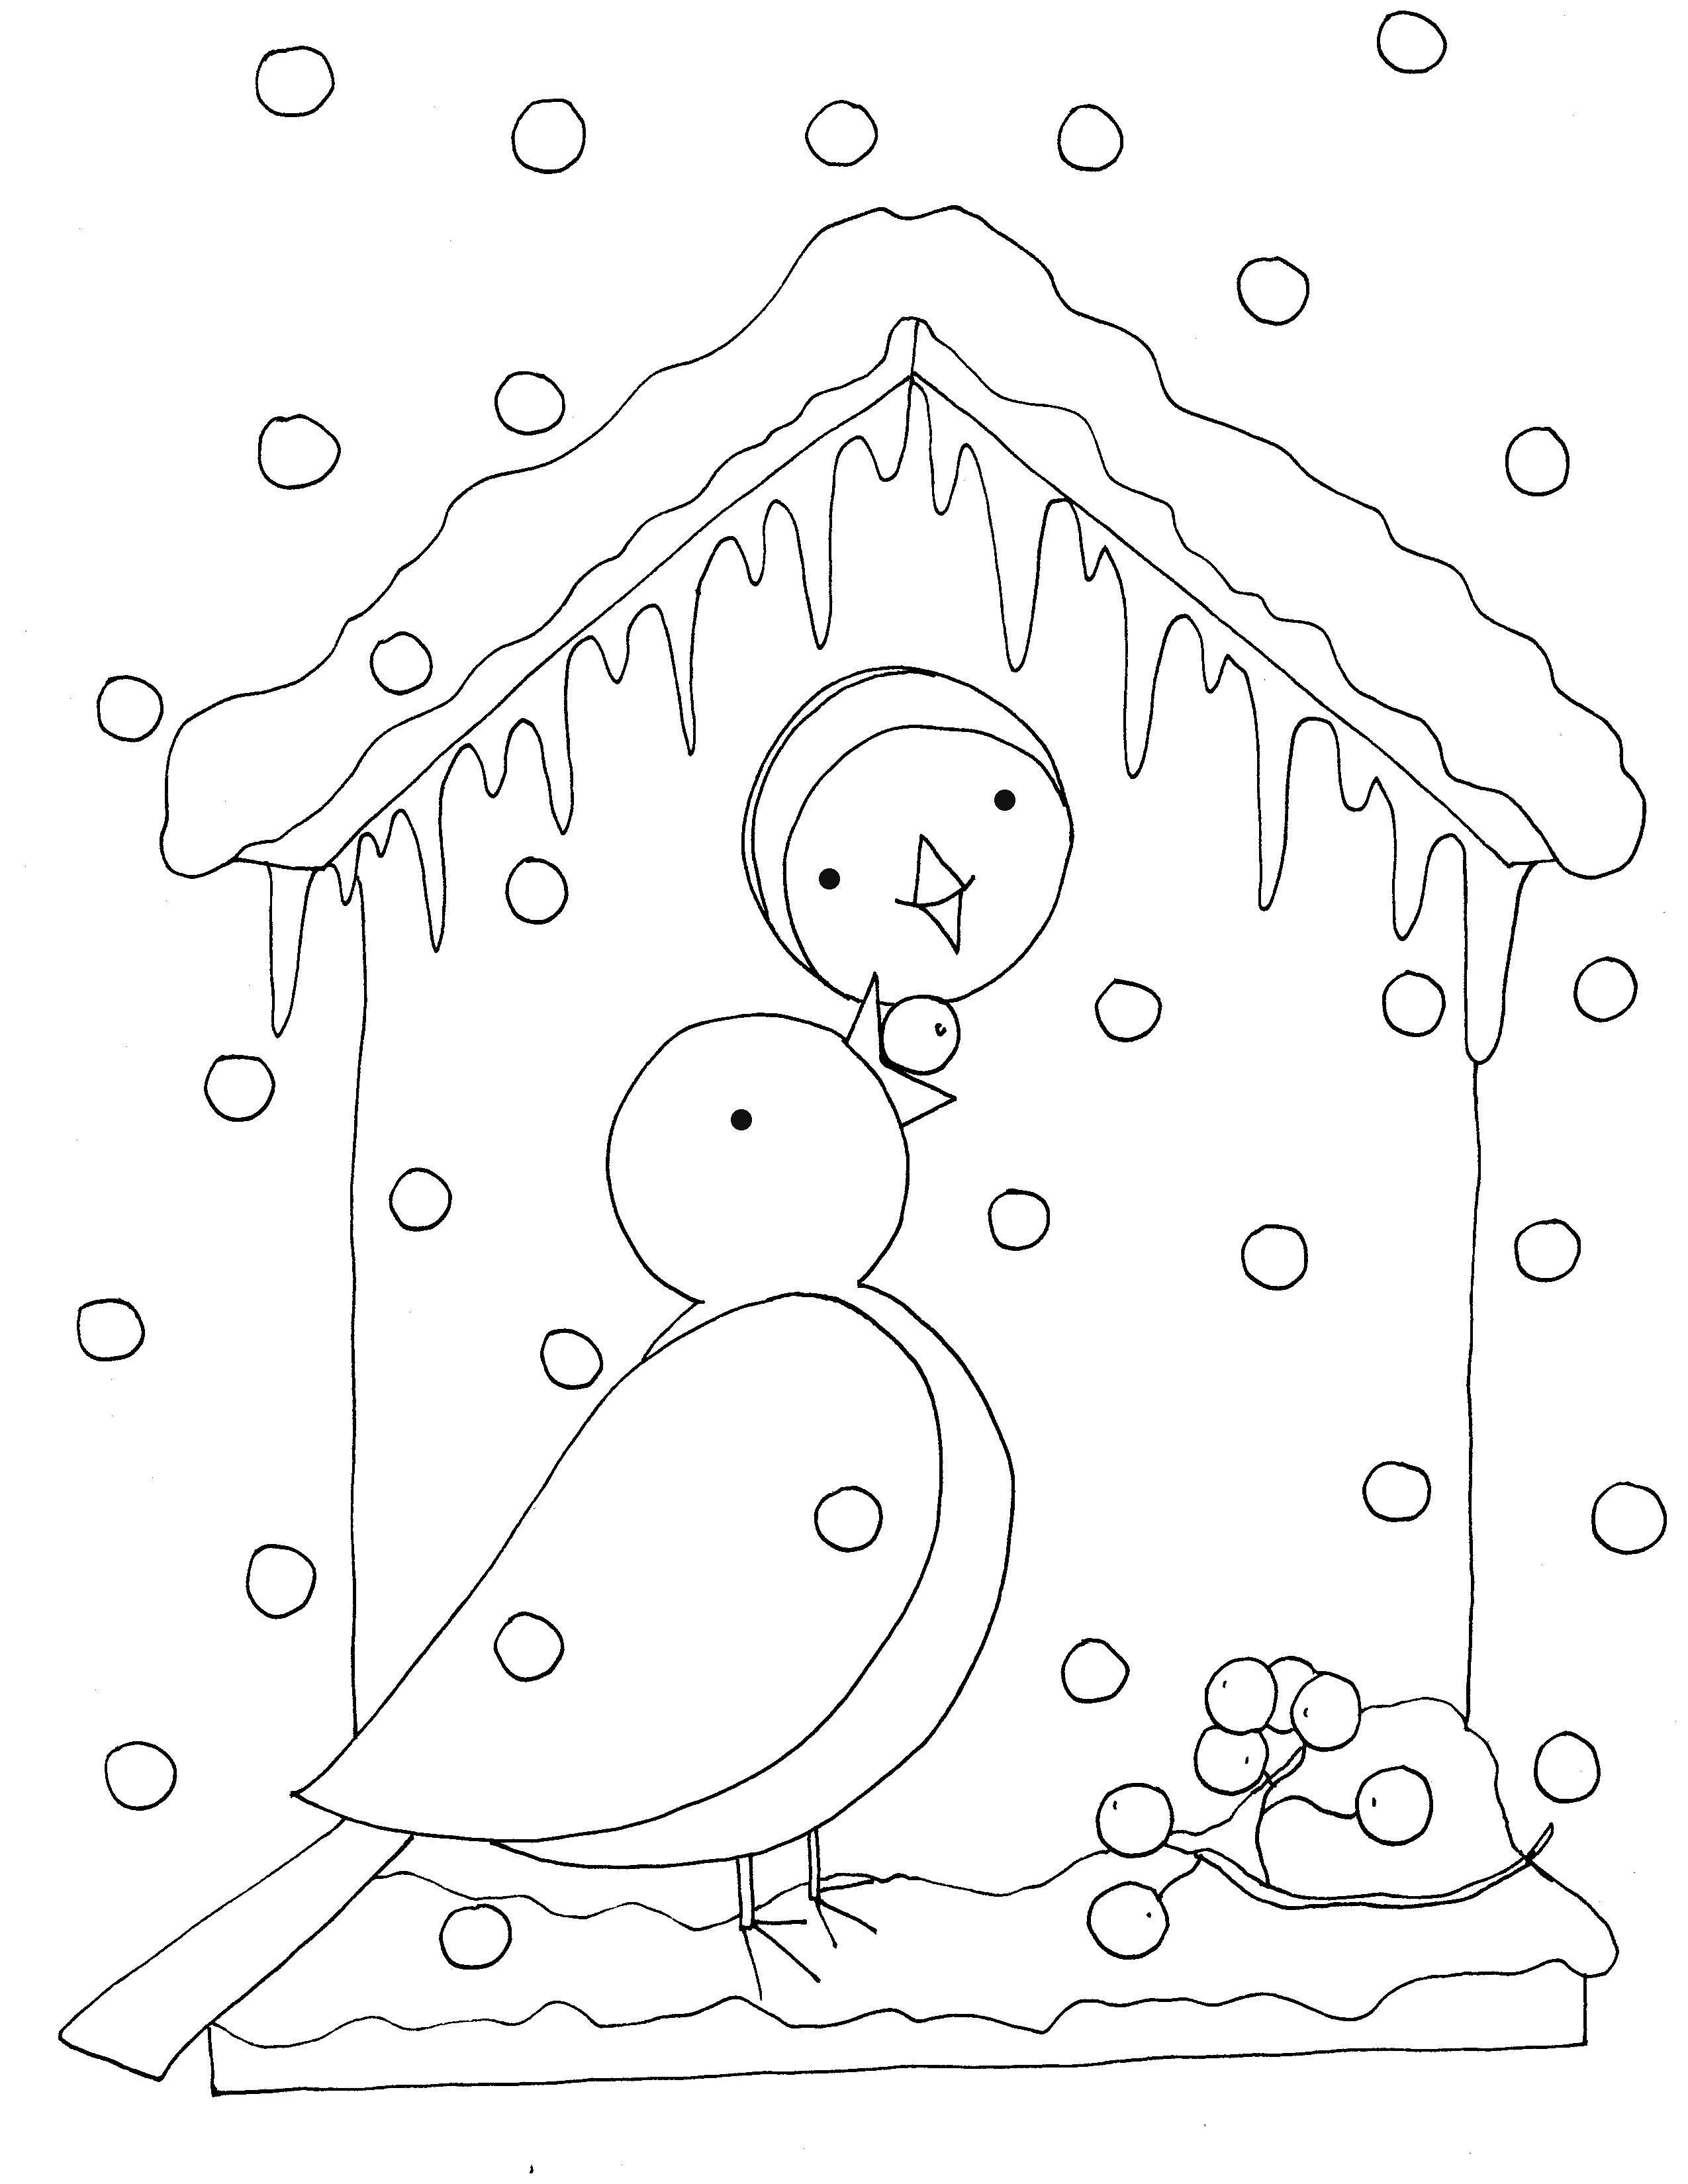 Kleurplaten Wintervogels.Kleurplaat Vogels In De Winter Winter Vogels